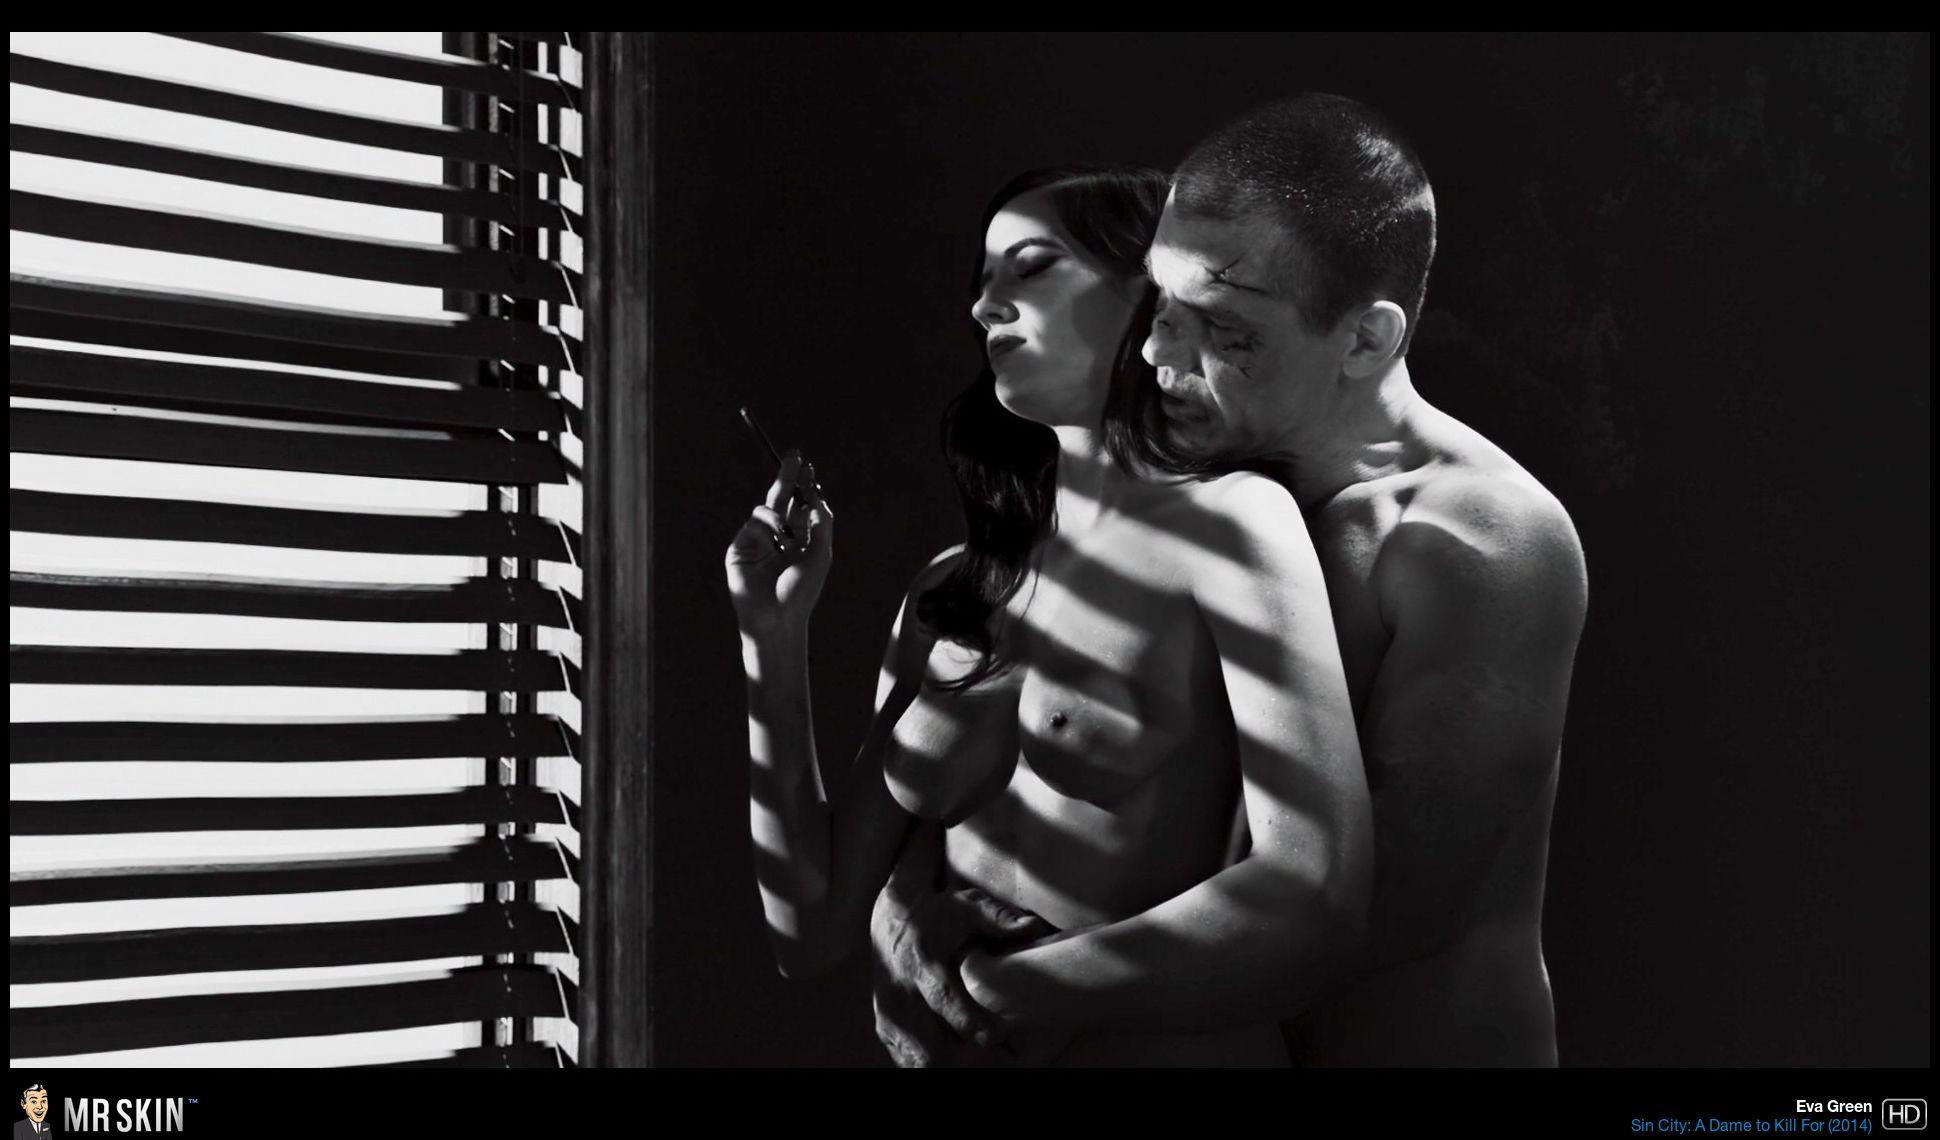 eroticheskie-foto-iz-filma-gorod-zhenshin